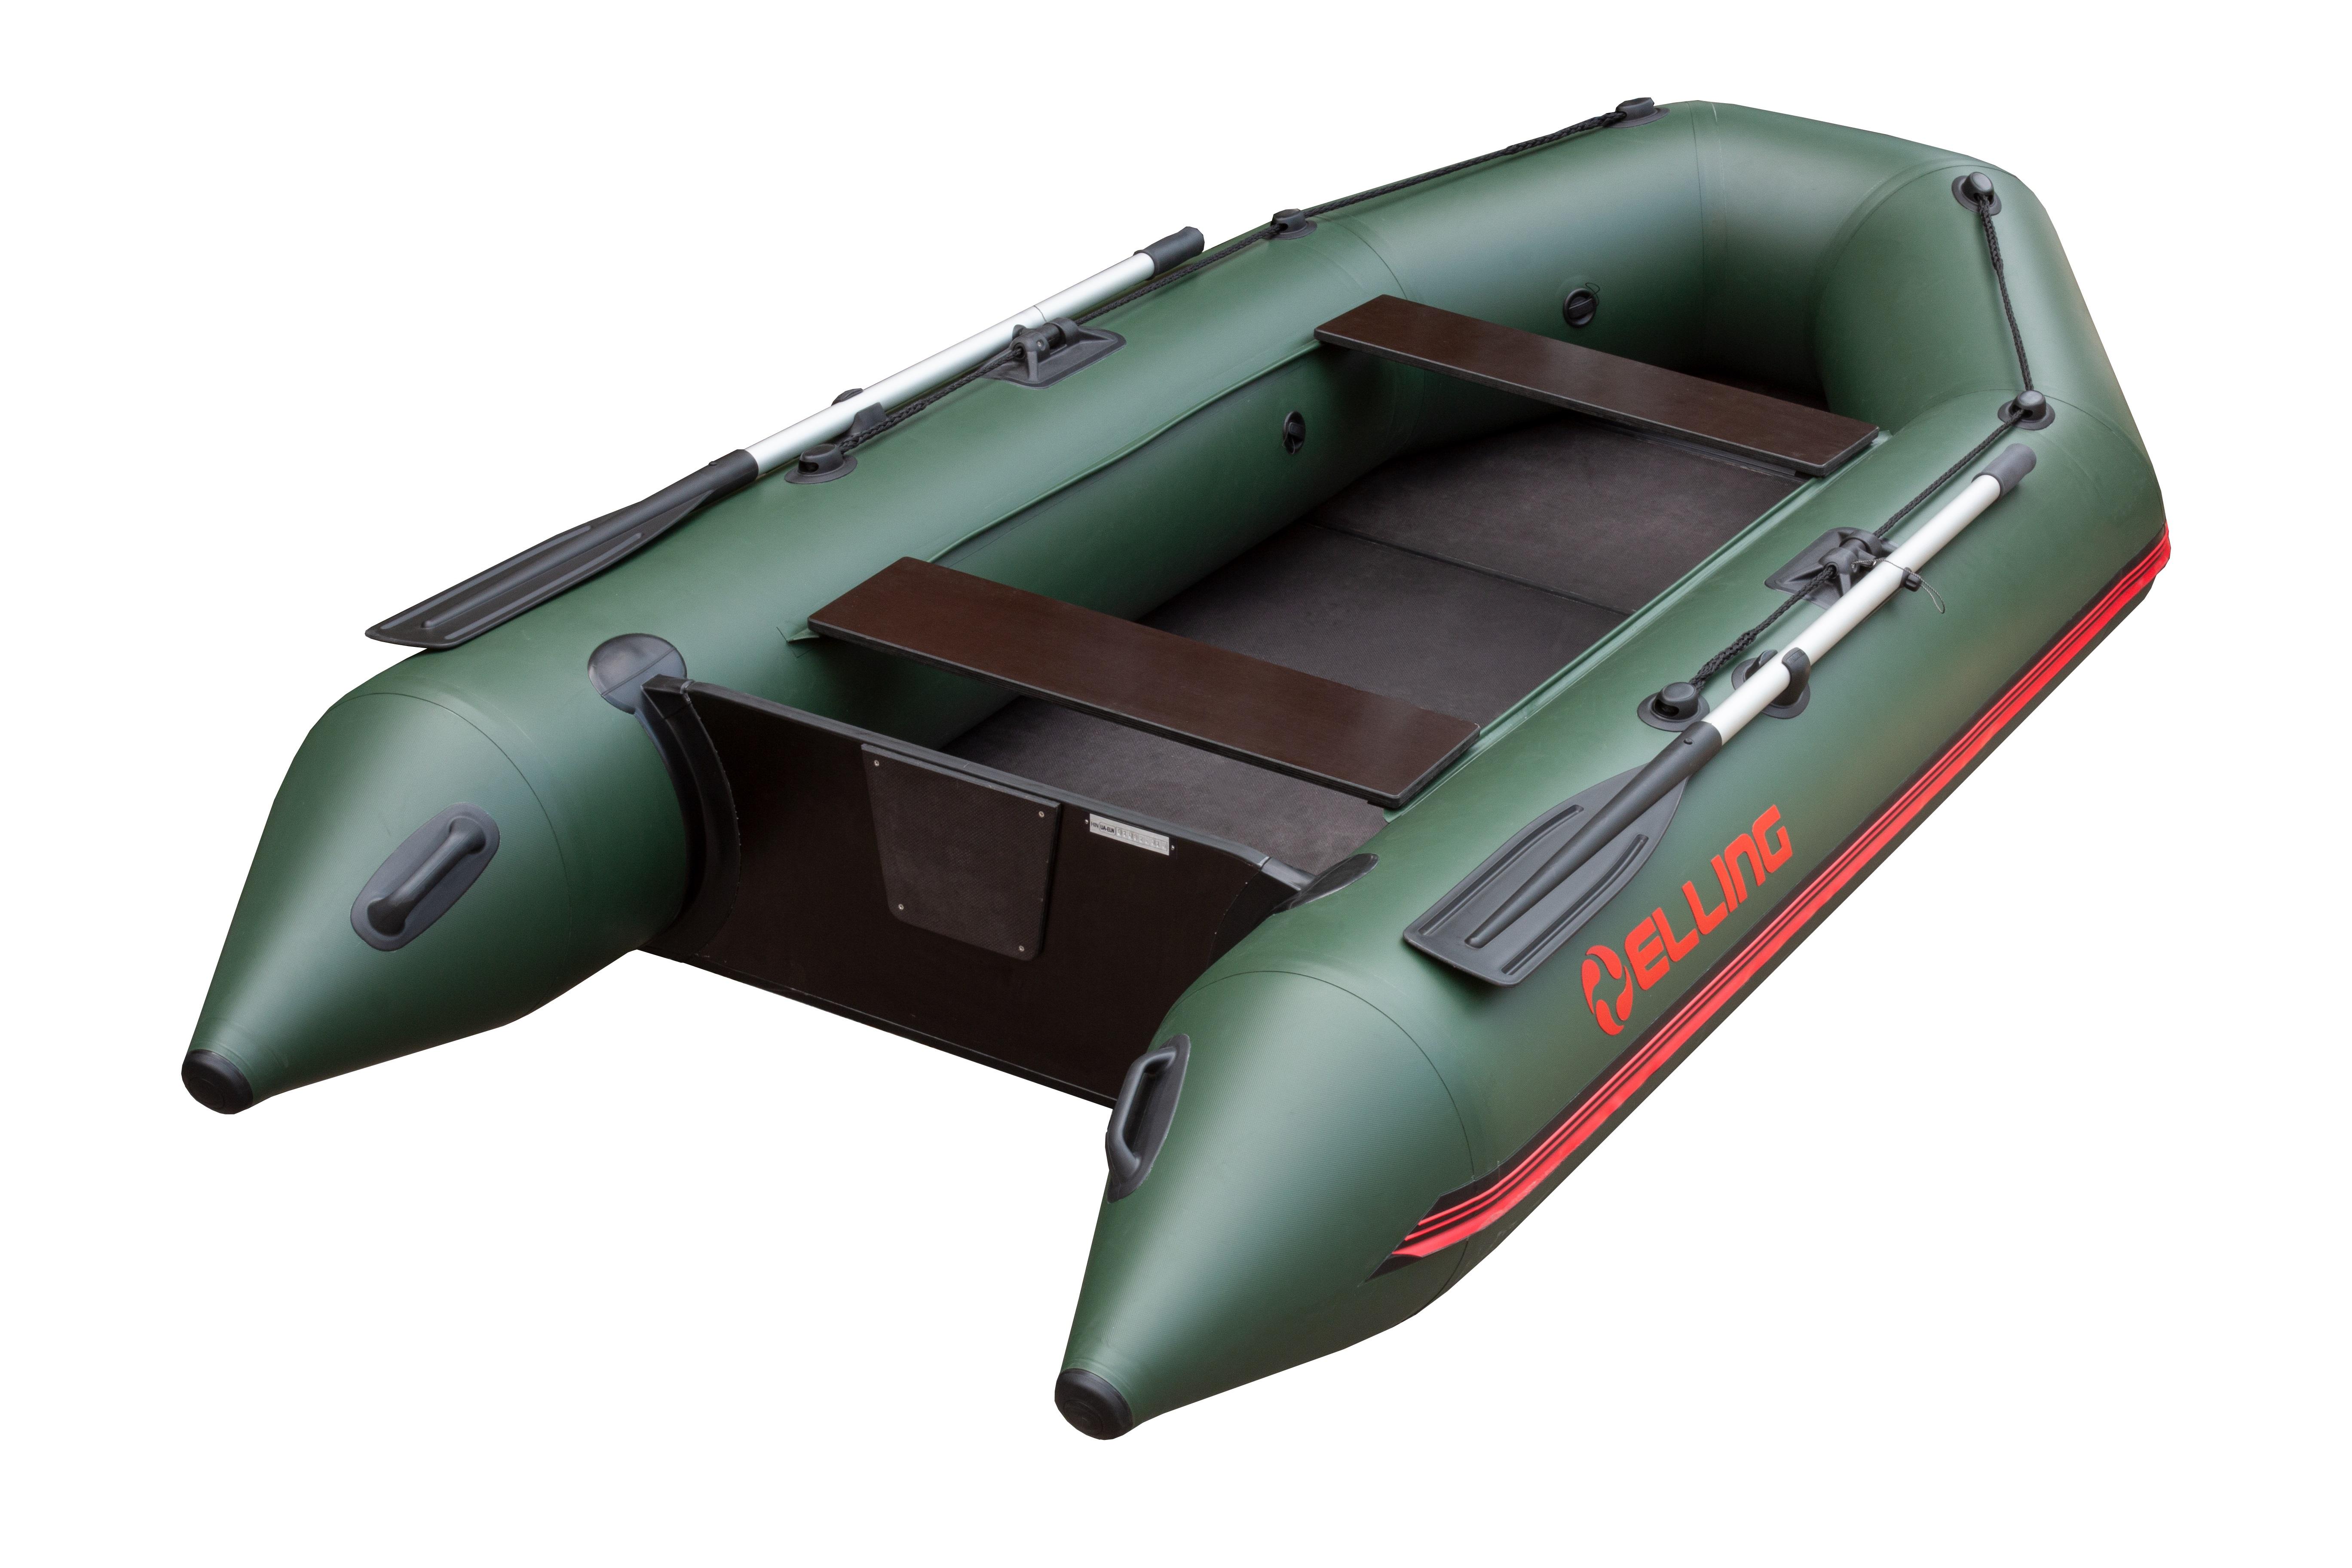 Nafukovací čluny Elling - Forsage 330 s pevnou skládací podlahou, zelený